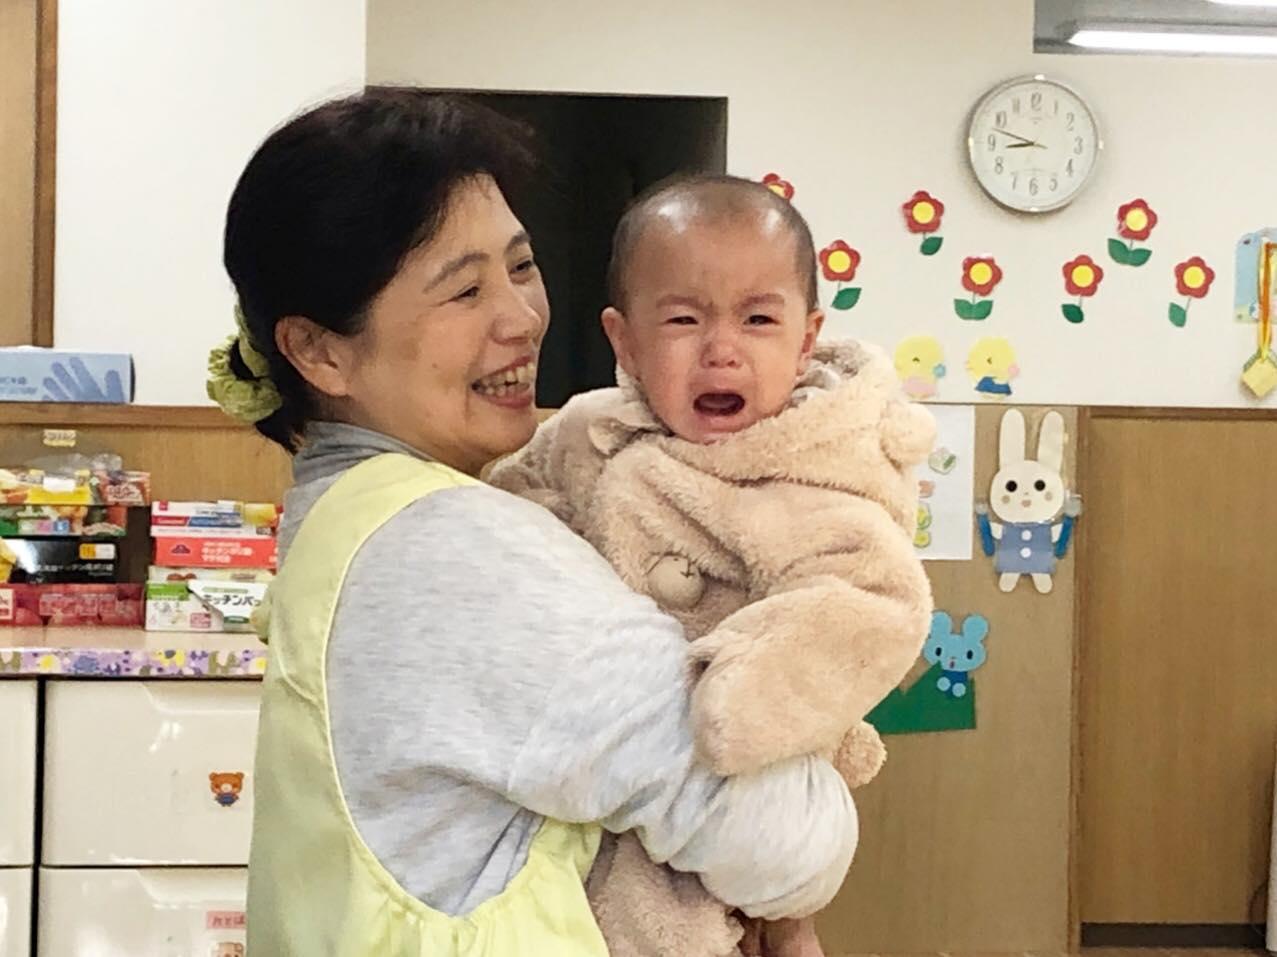 ヤクルト保育園 保育者さんと赤ちゃん